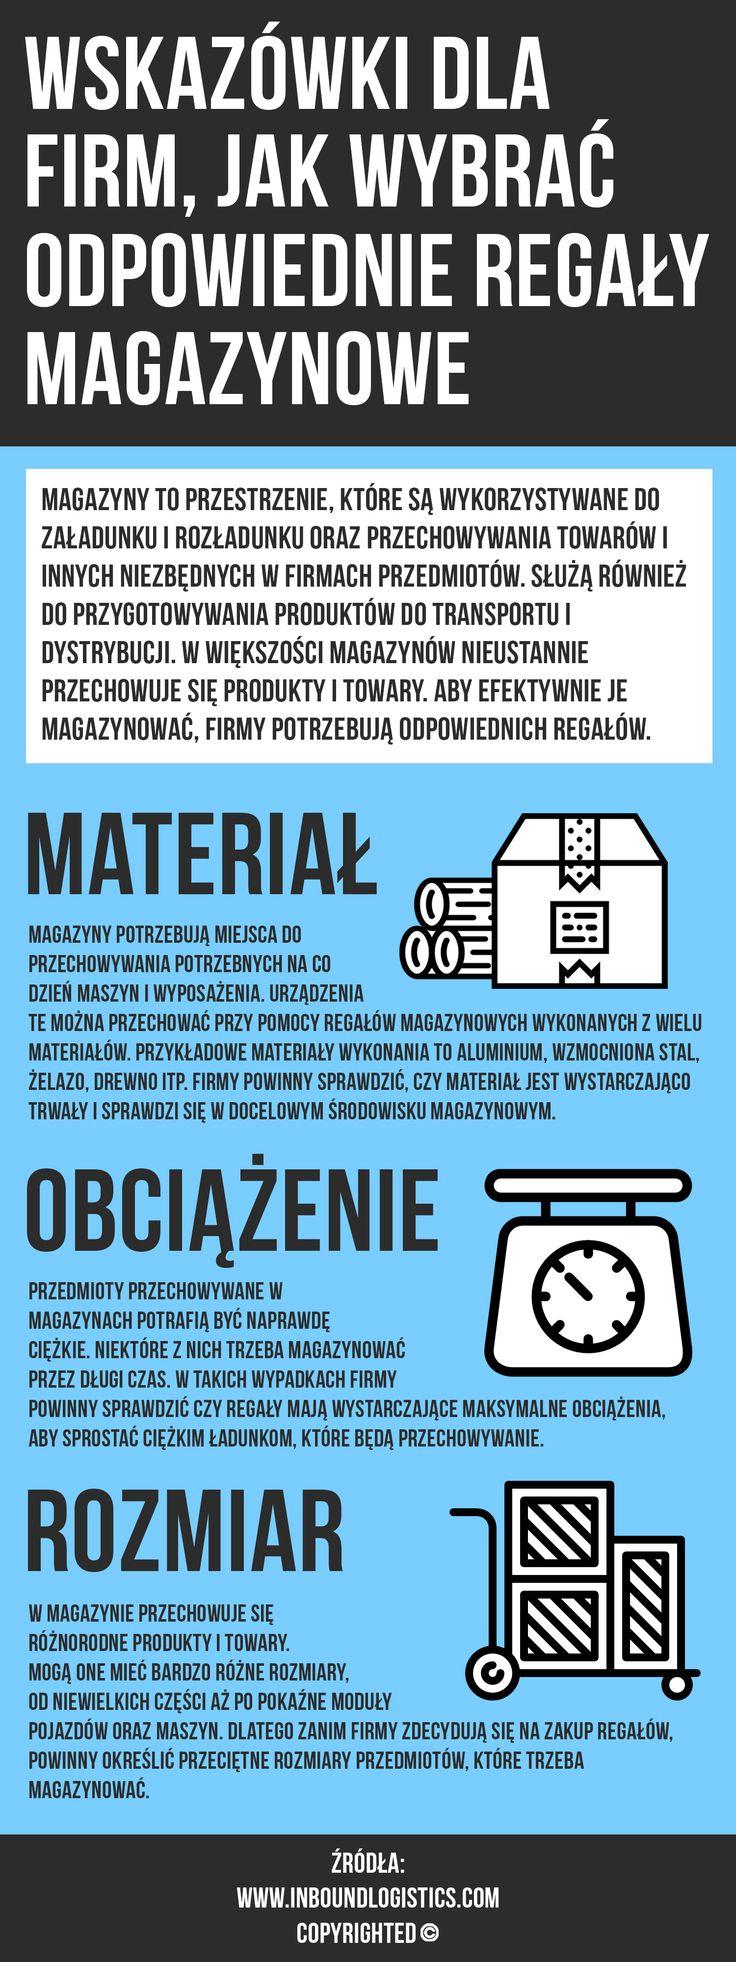 Regały magazynowe to doskonałe rozwiązanie do przechowywania firmowych towarów, produktów, sprzętu, maszyn itp. Przed zakupem regałów firmy powinny przemyśleć czynniki takie jak obciążenie, materiał wykonania, wymiary, rodzaj itp.